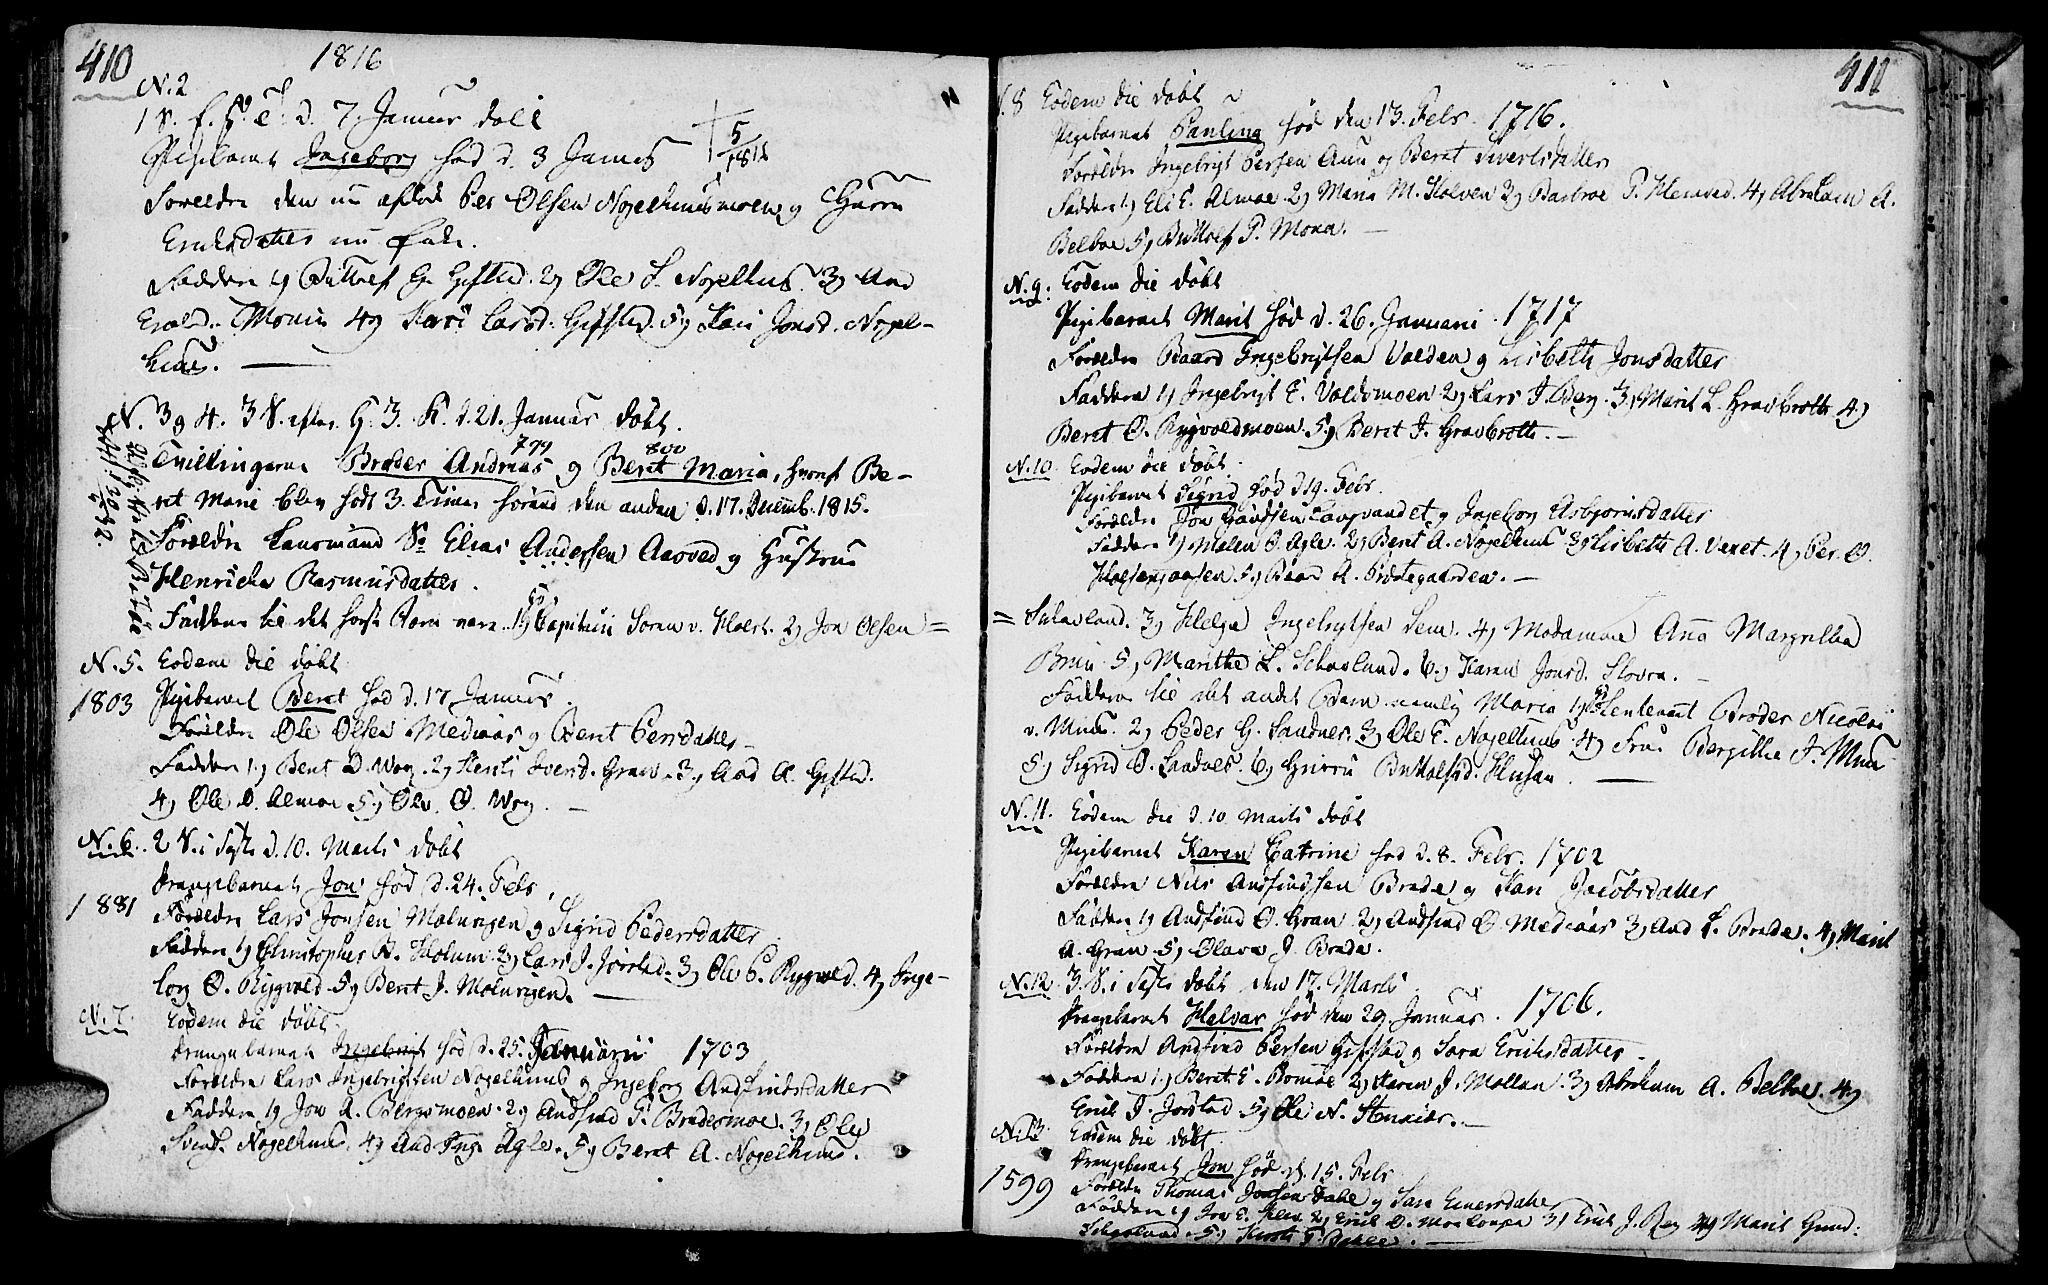 SAT, Ministerialprotokoller, klokkerbøker og fødselsregistre - Nord-Trøndelag, 749/L0468: Ministerialbok nr. 749A02, 1787-1817, s. 410-411